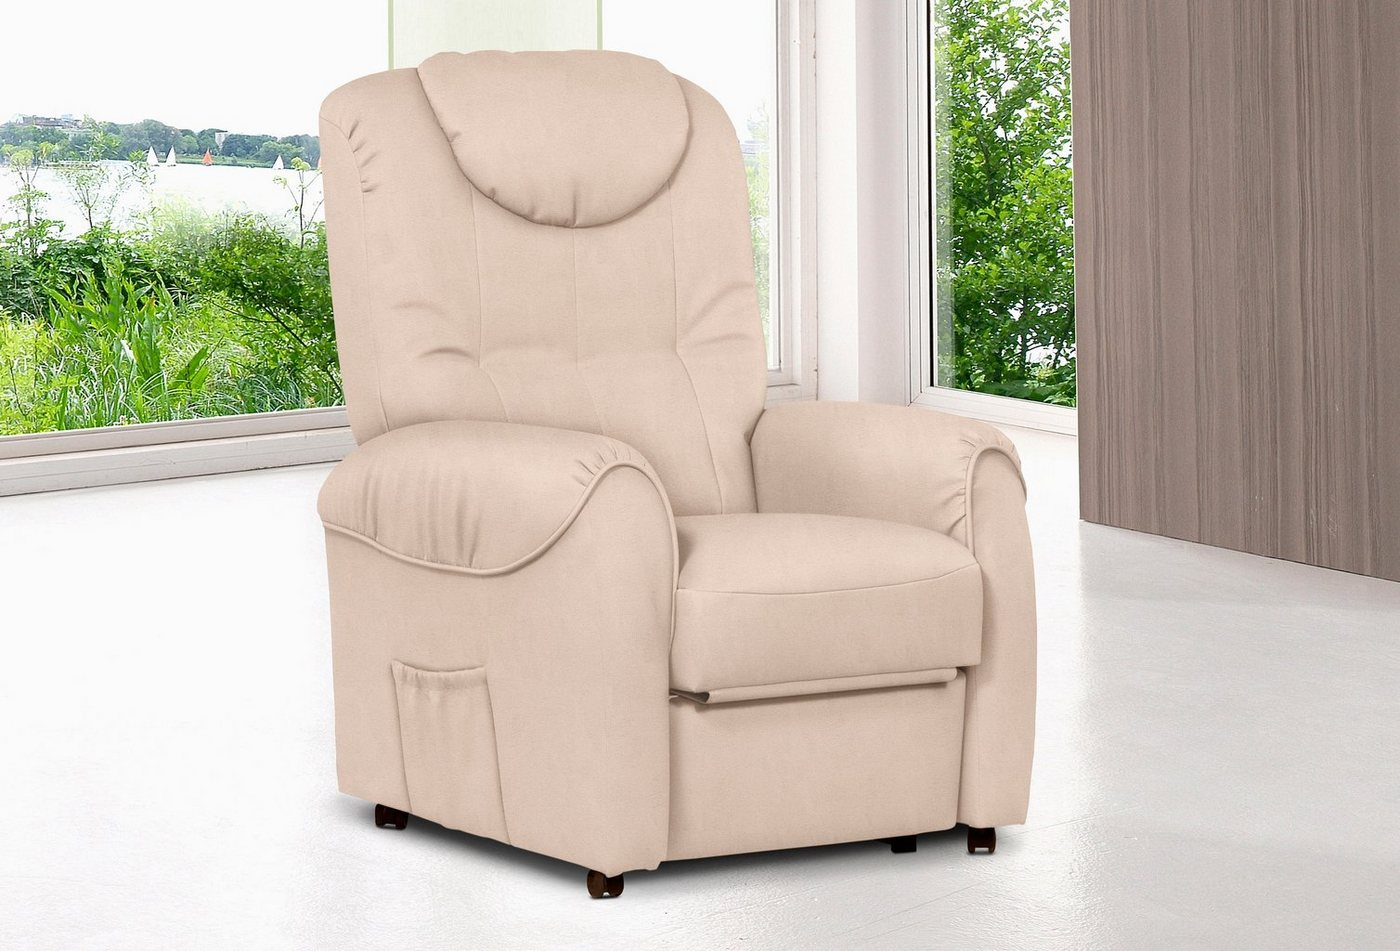 fernsehsessel creme preisvergleiche erfahrungsberichte. Black Bedroom Furniture Sets. Home Design Ideas